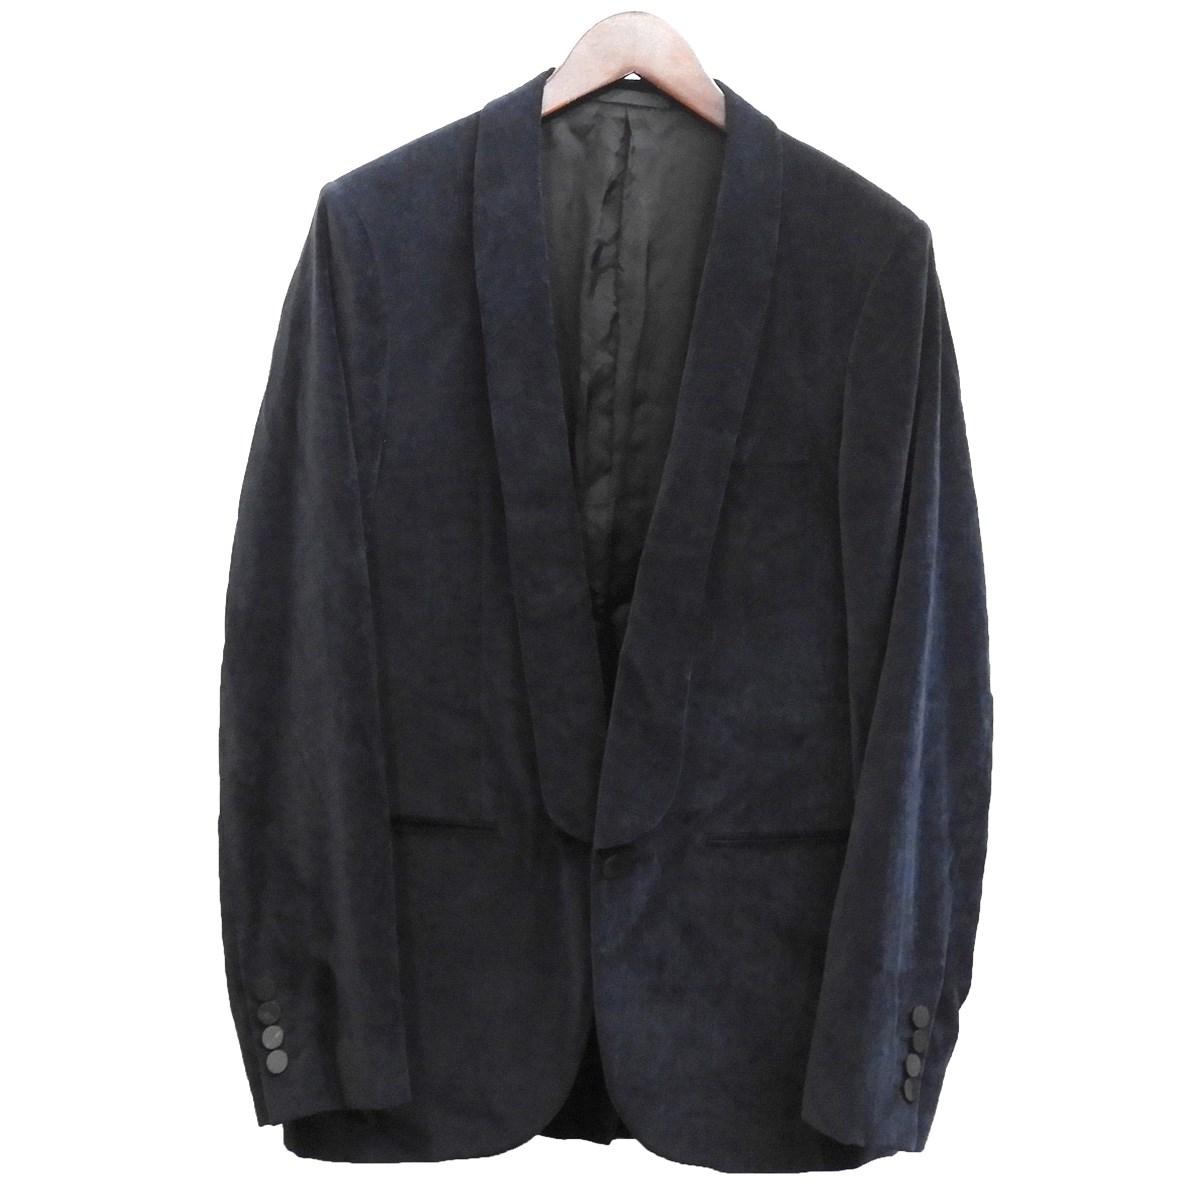 【中古】LANVIN ベロアテーラードジャケット ネイビー サイズ:46 【261219】(ランバン)